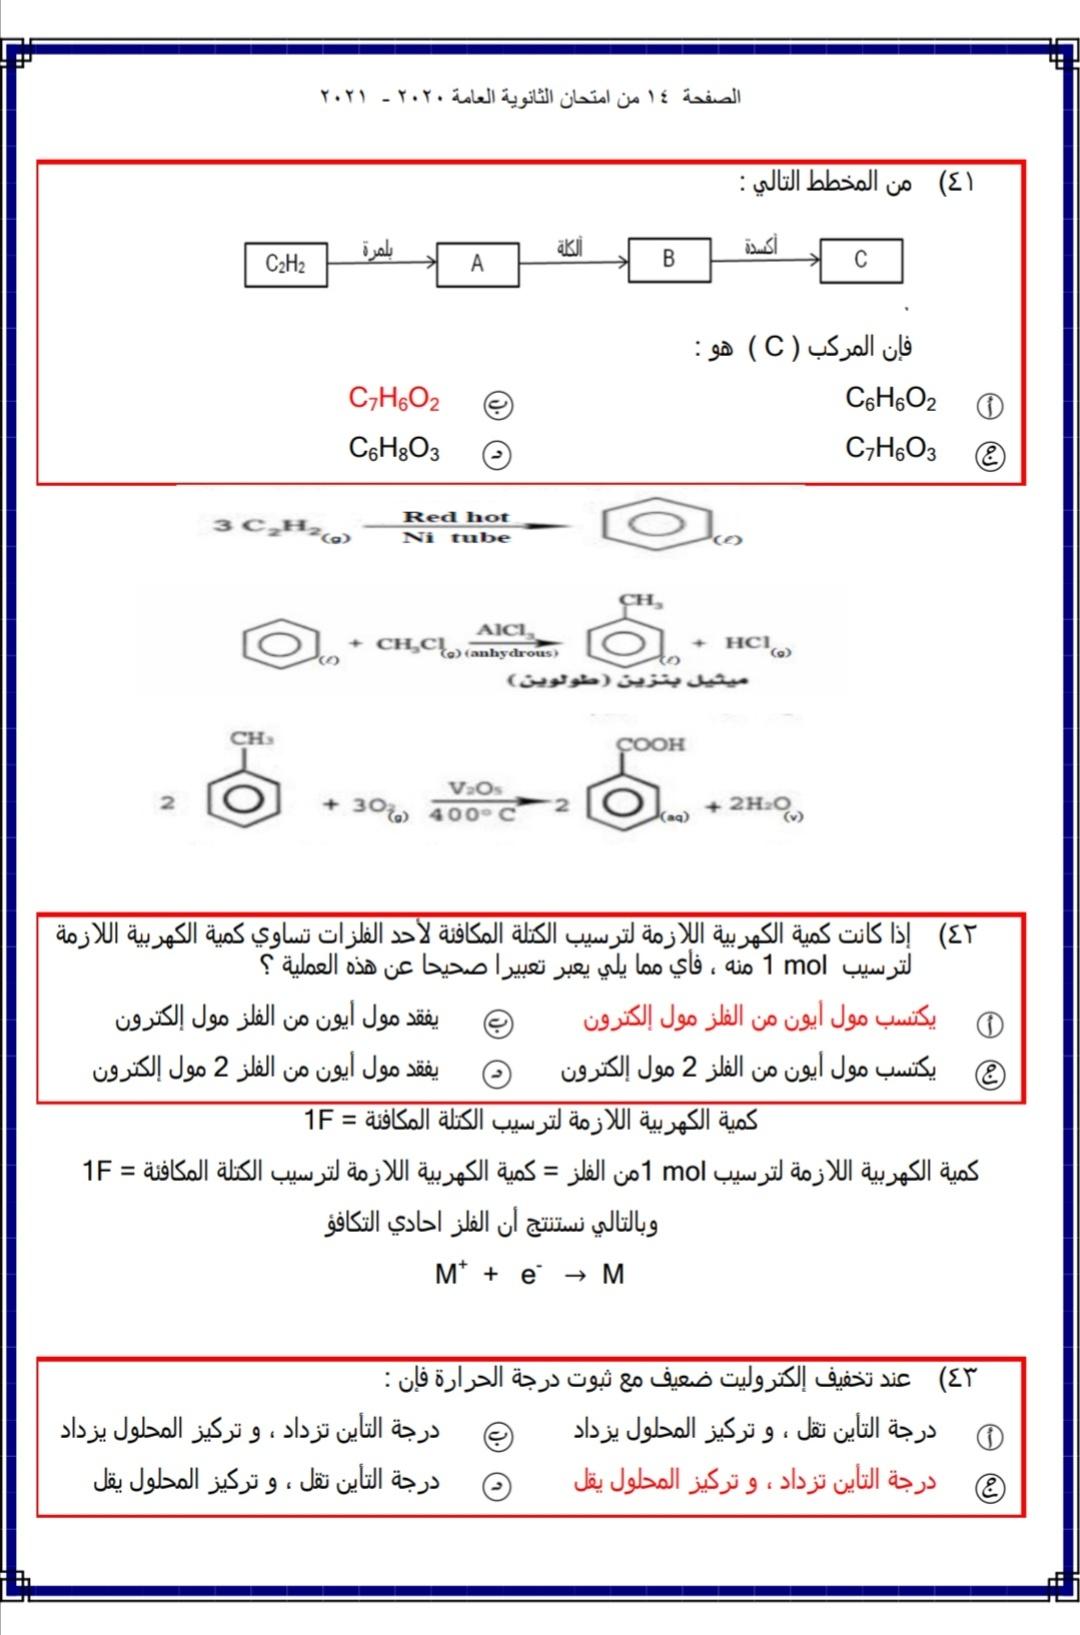 نموذج اجابة امتحان الكيمياء للثانوية العامة 2021 14